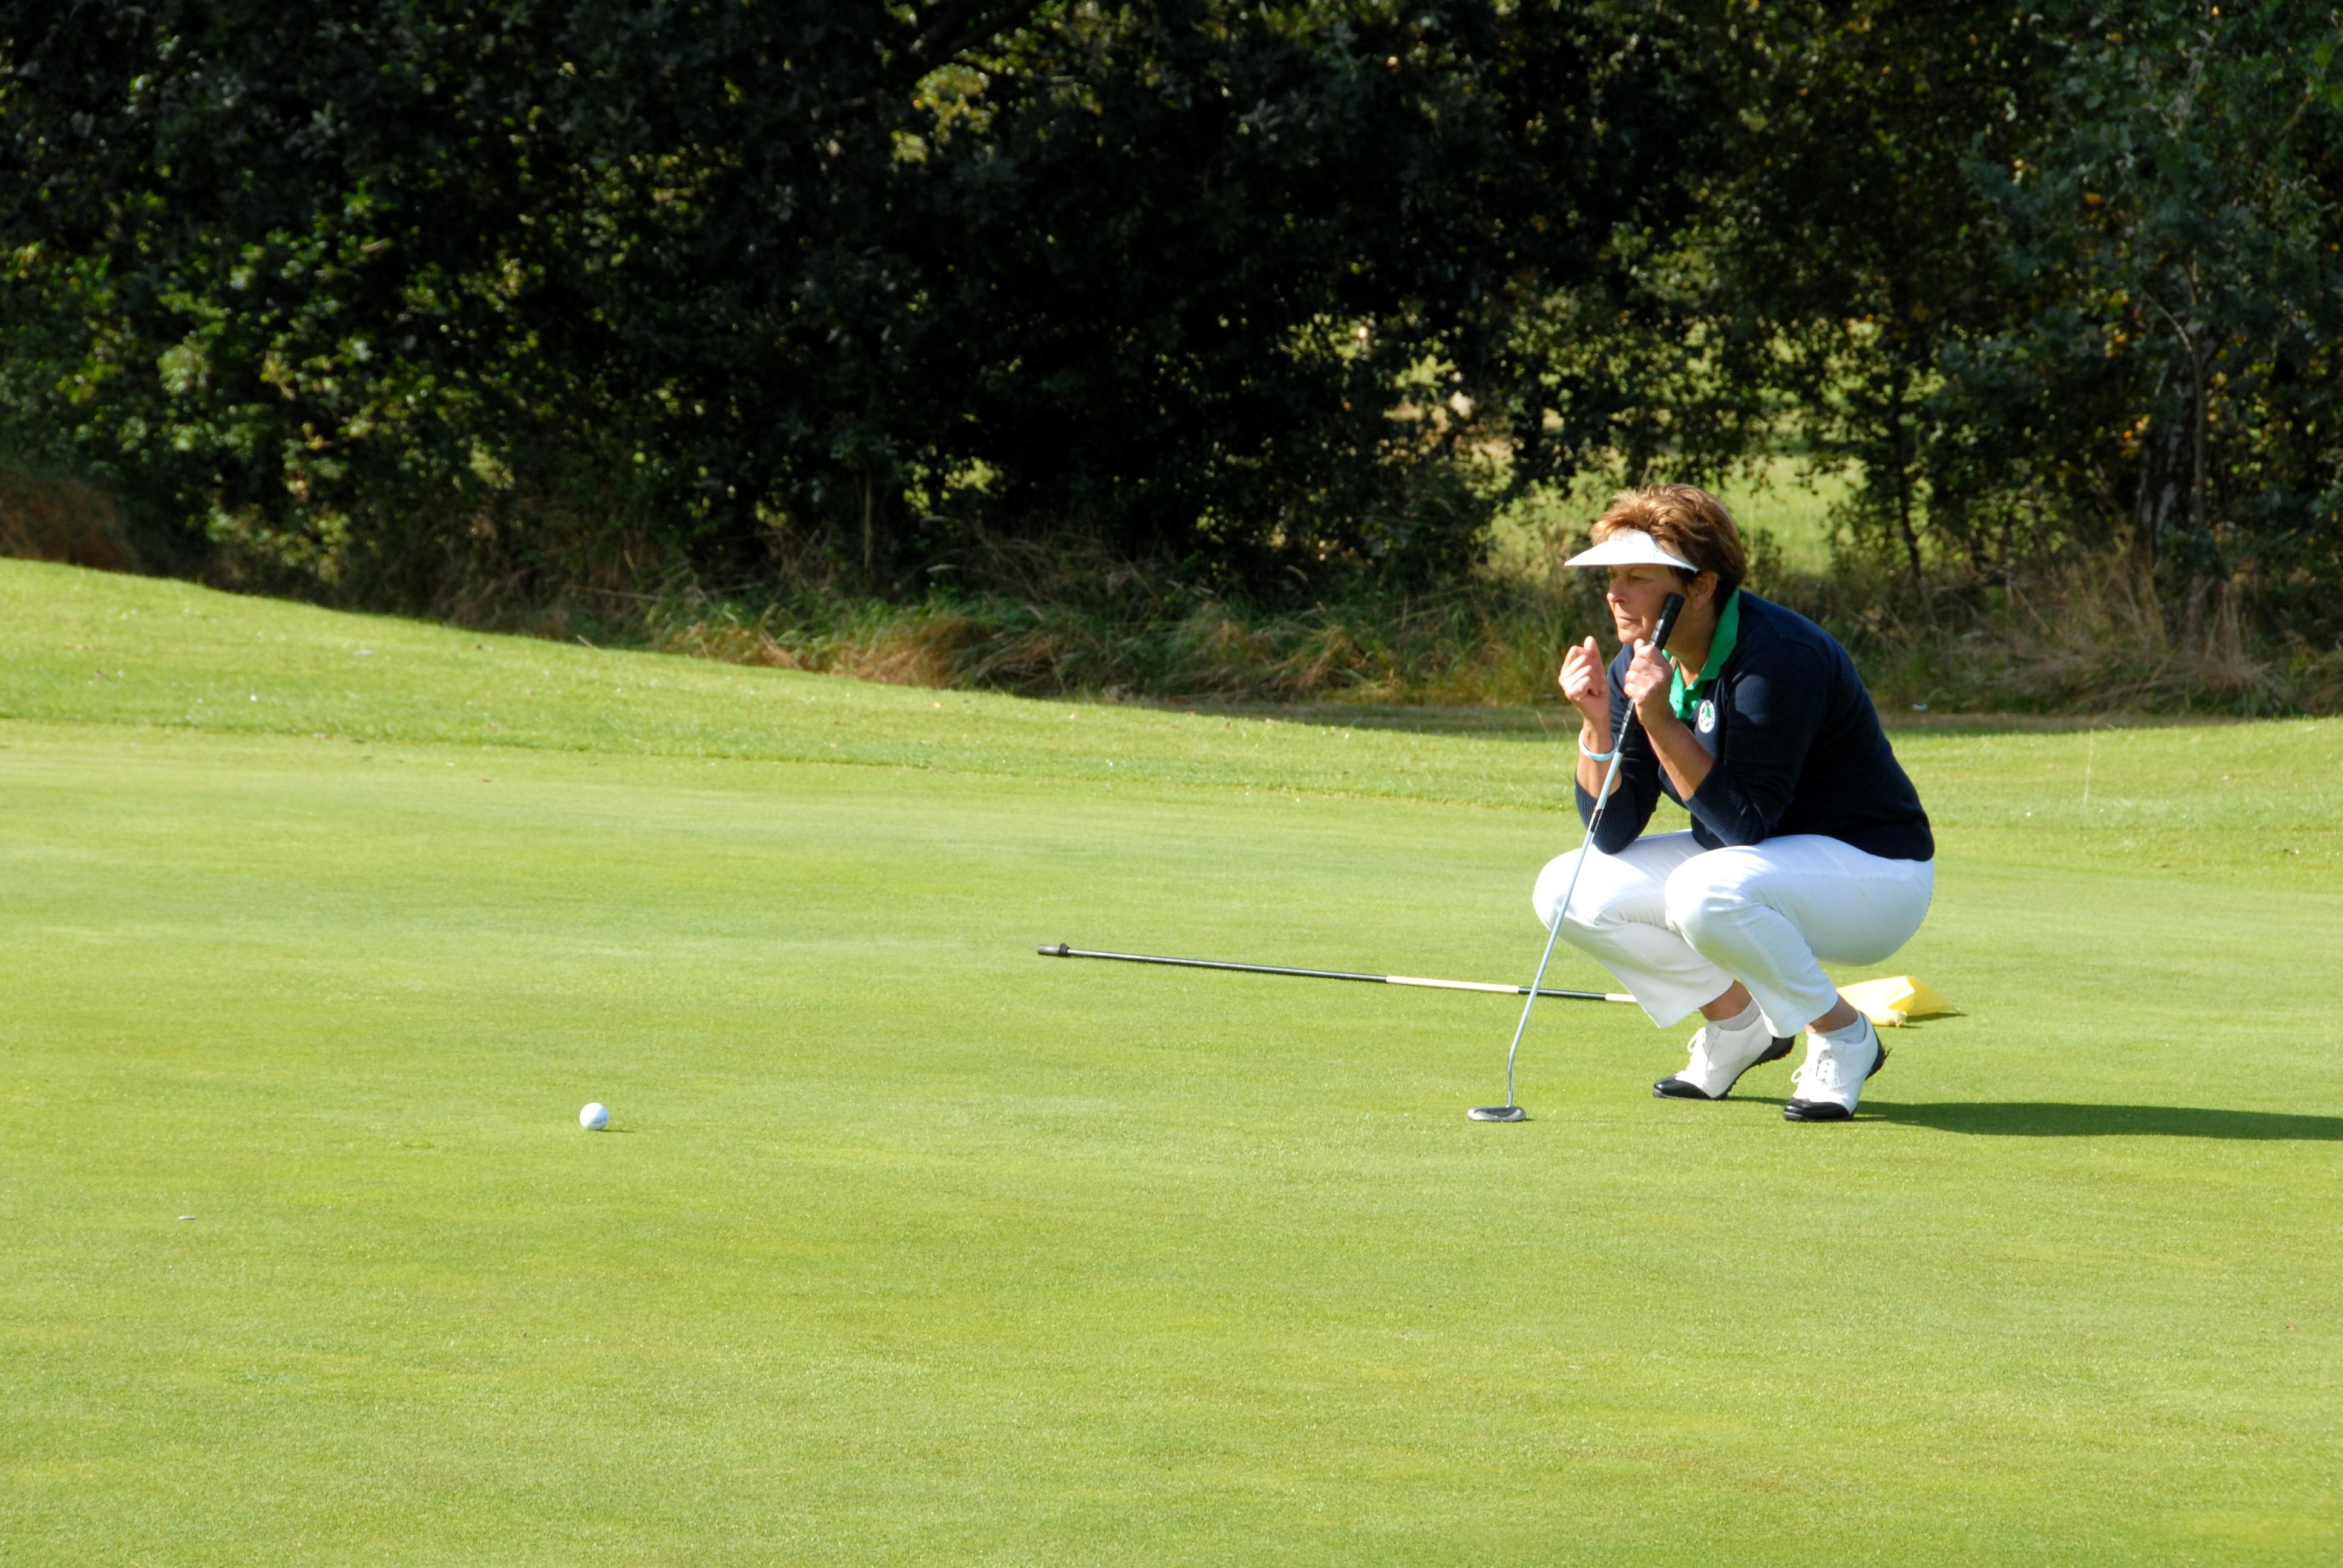 Объемными буквами, гольф картинки вид спорта для детей